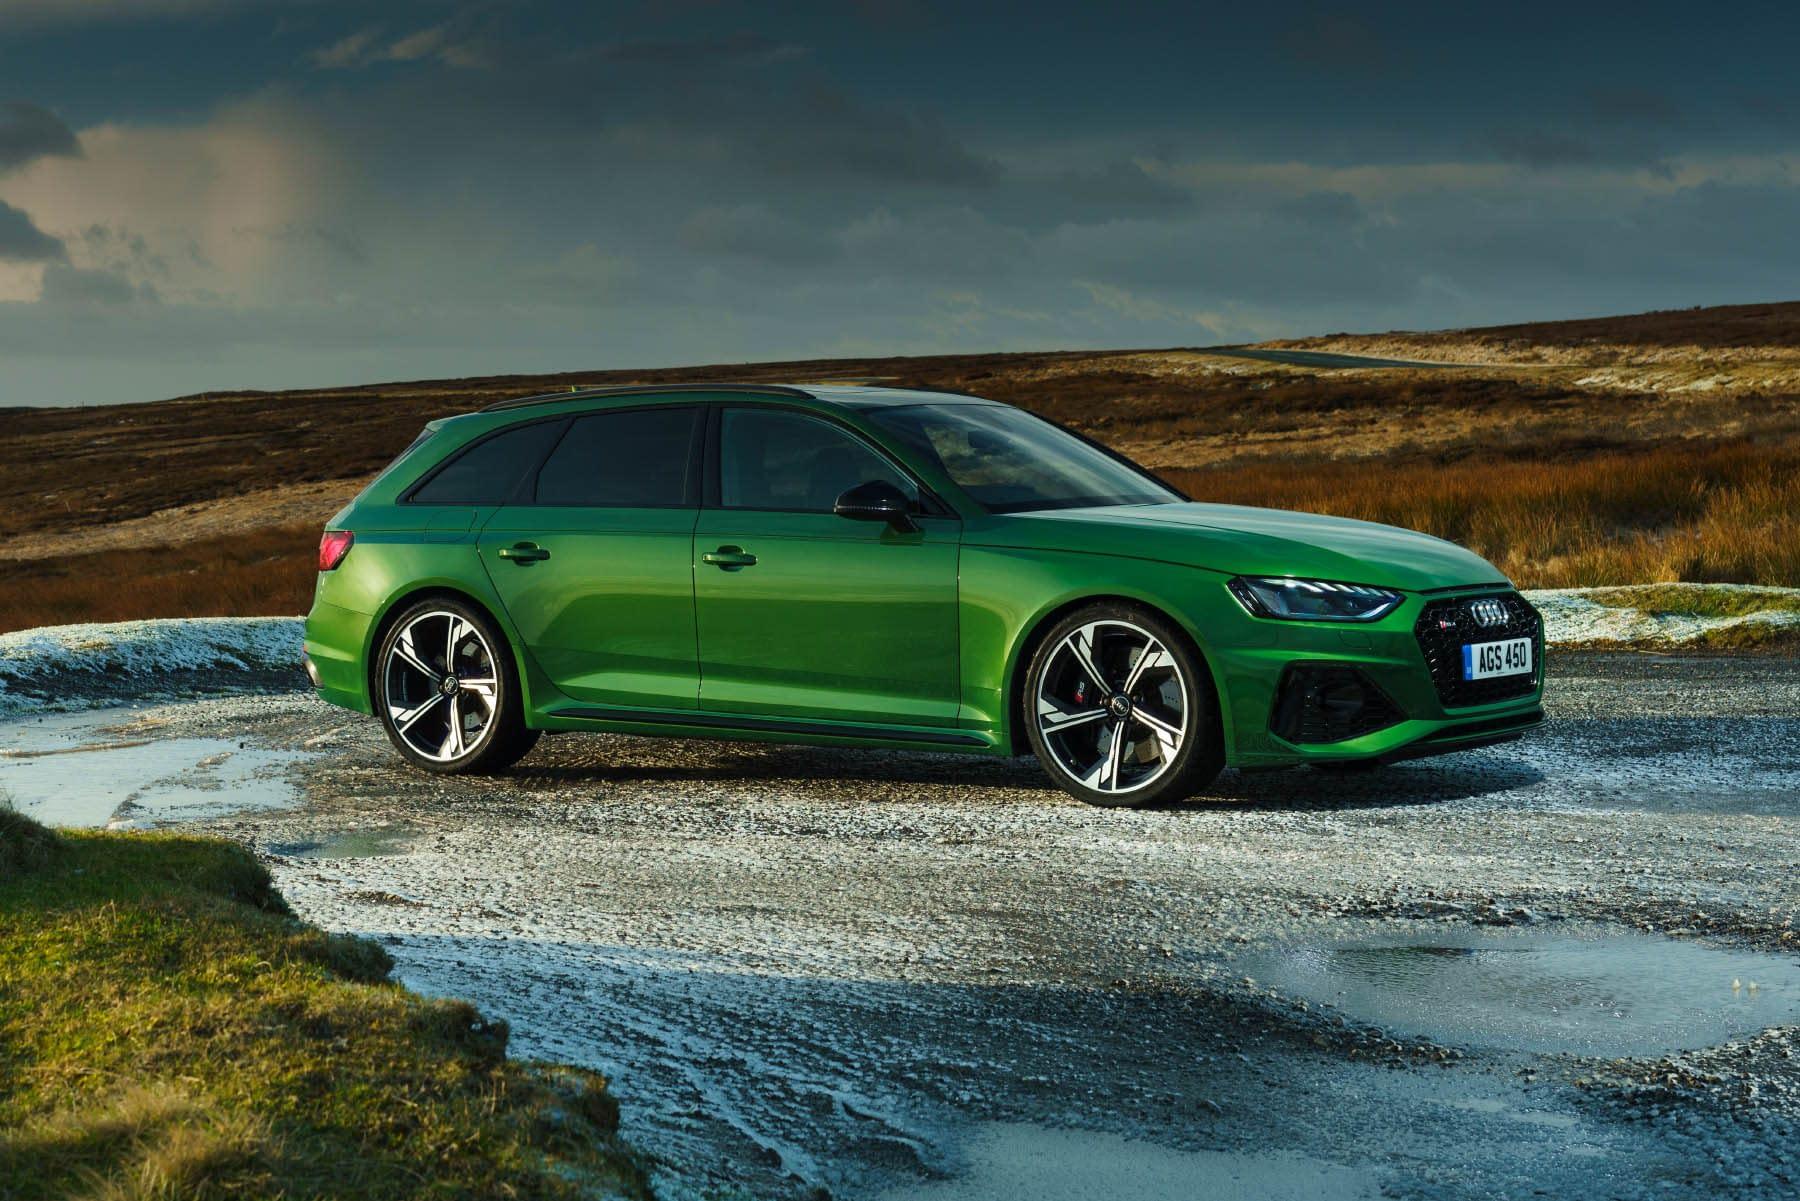 Audi RS4 wagon